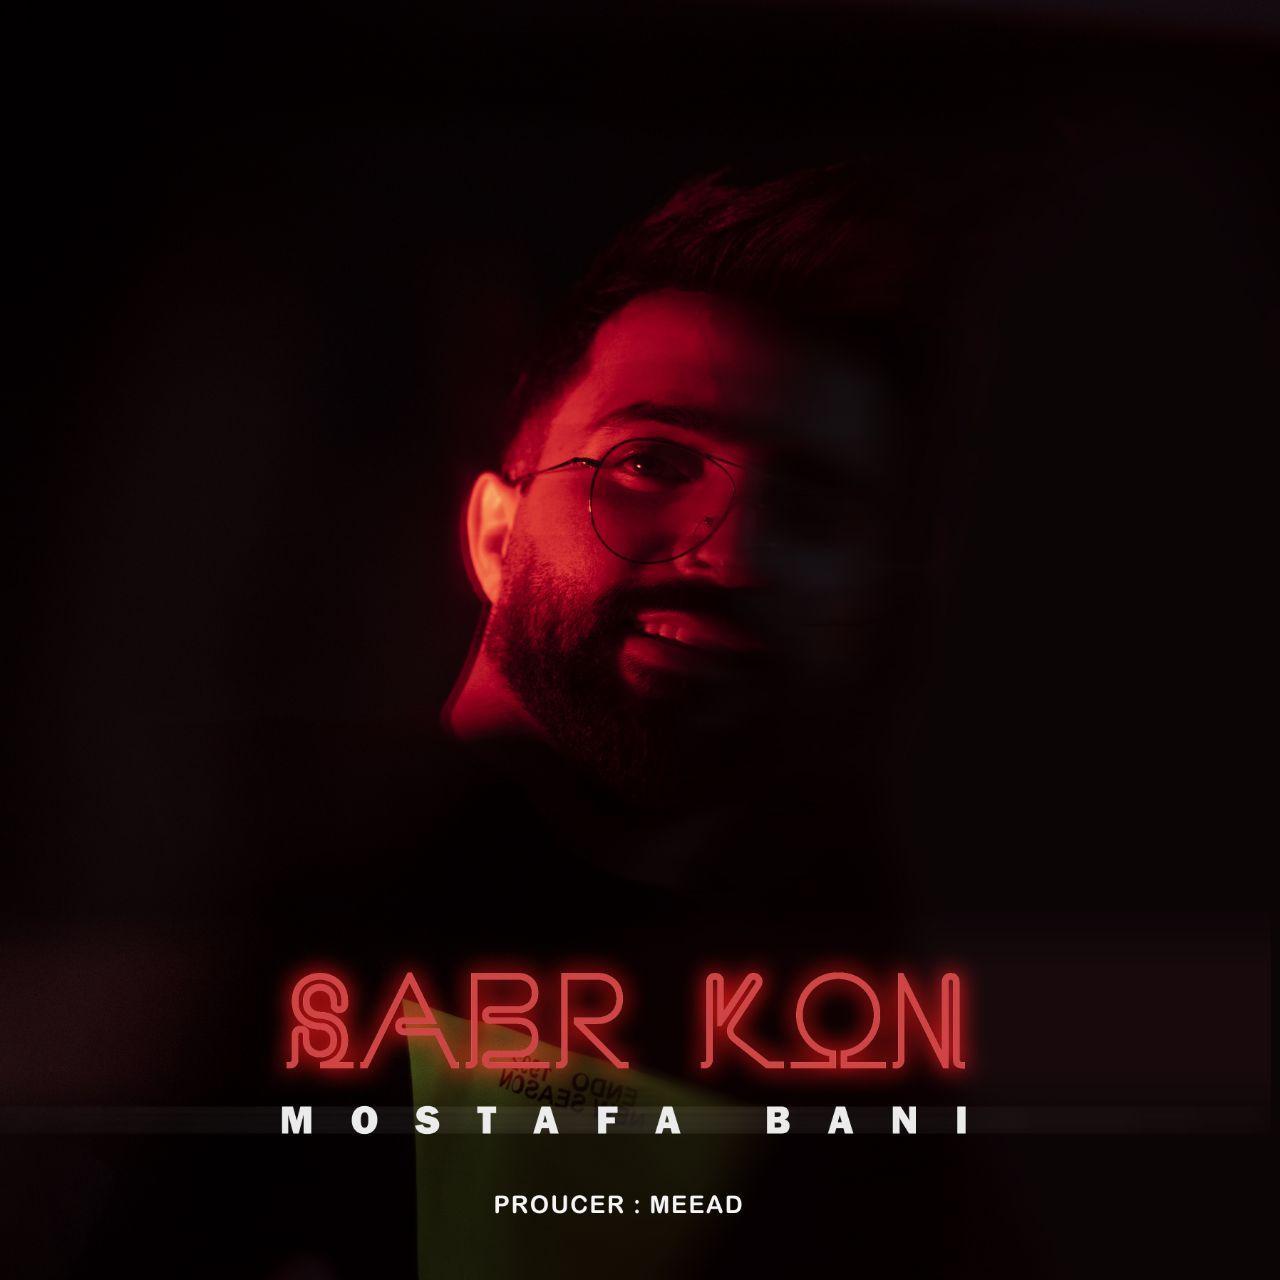 Mostafa Bani – Sabr kon